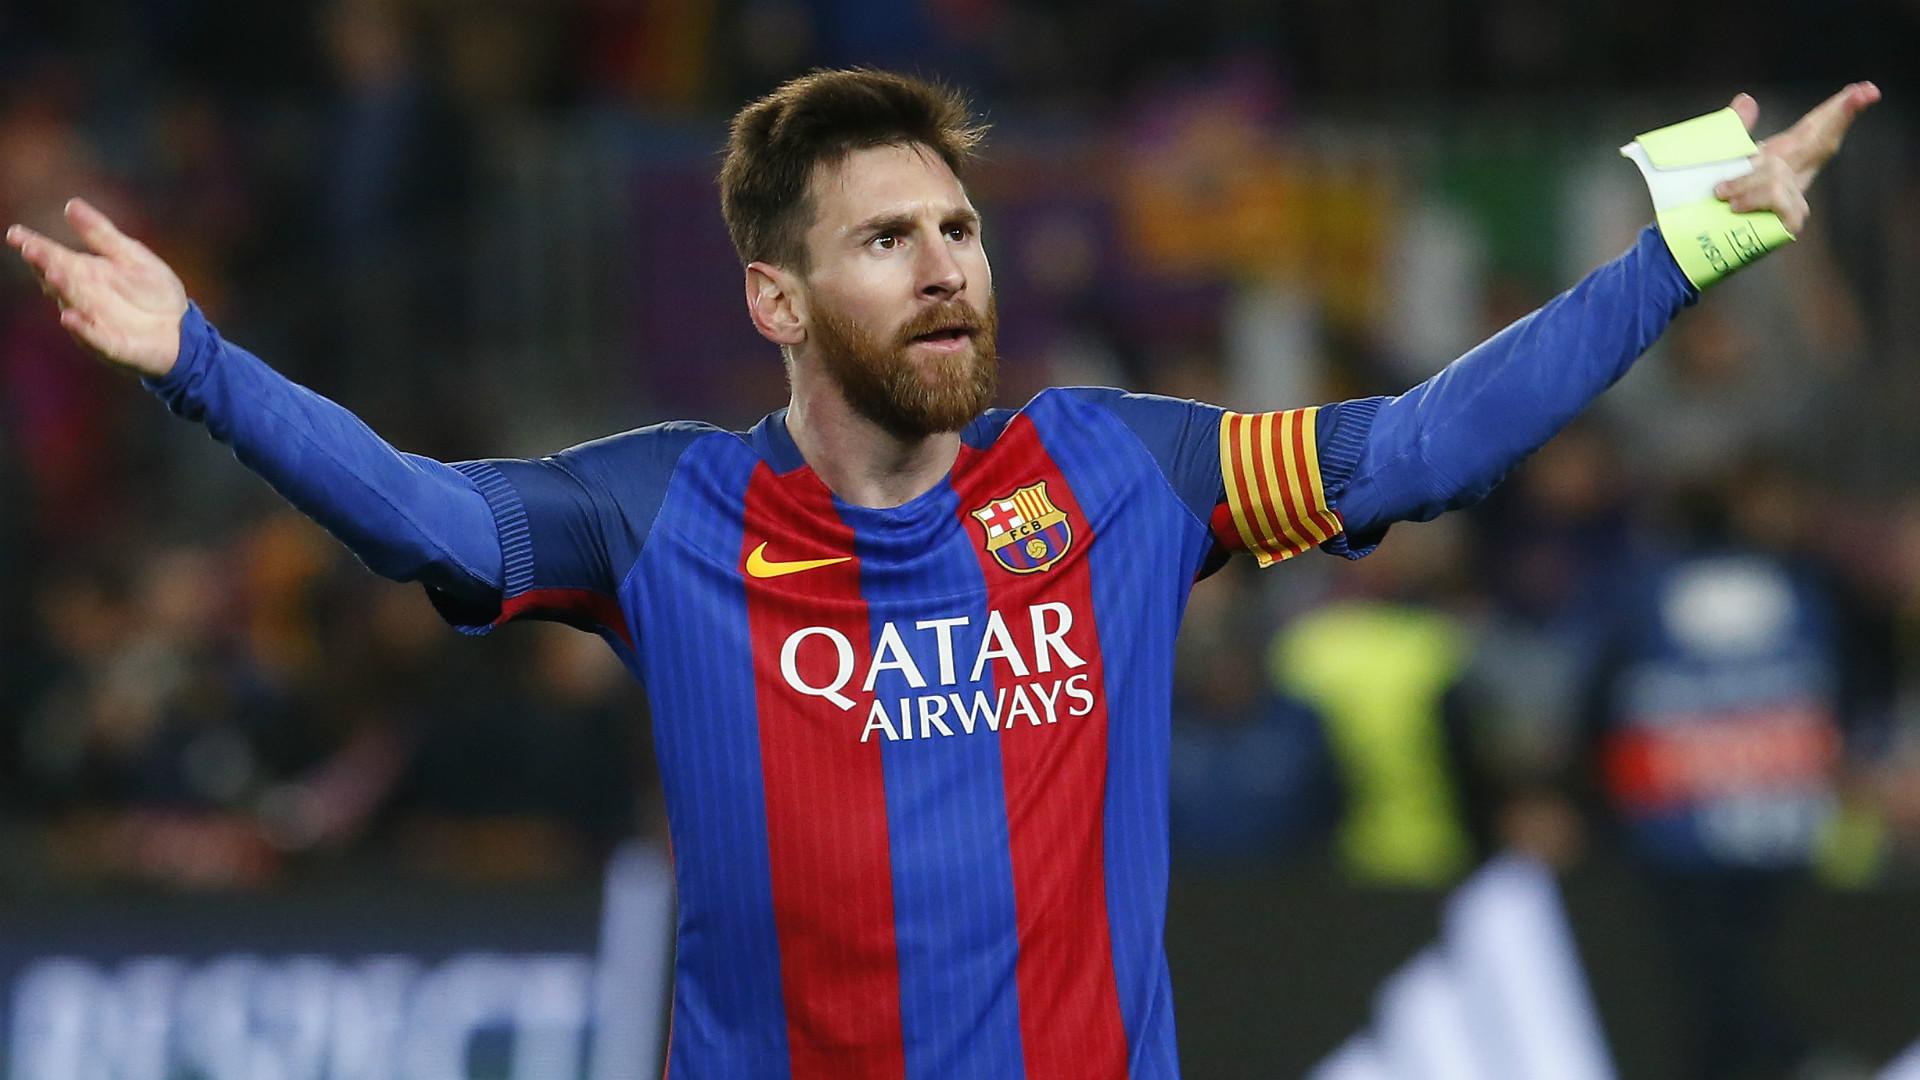 Cuál es el patrimonio neto de Messi y cuánto dinero gana